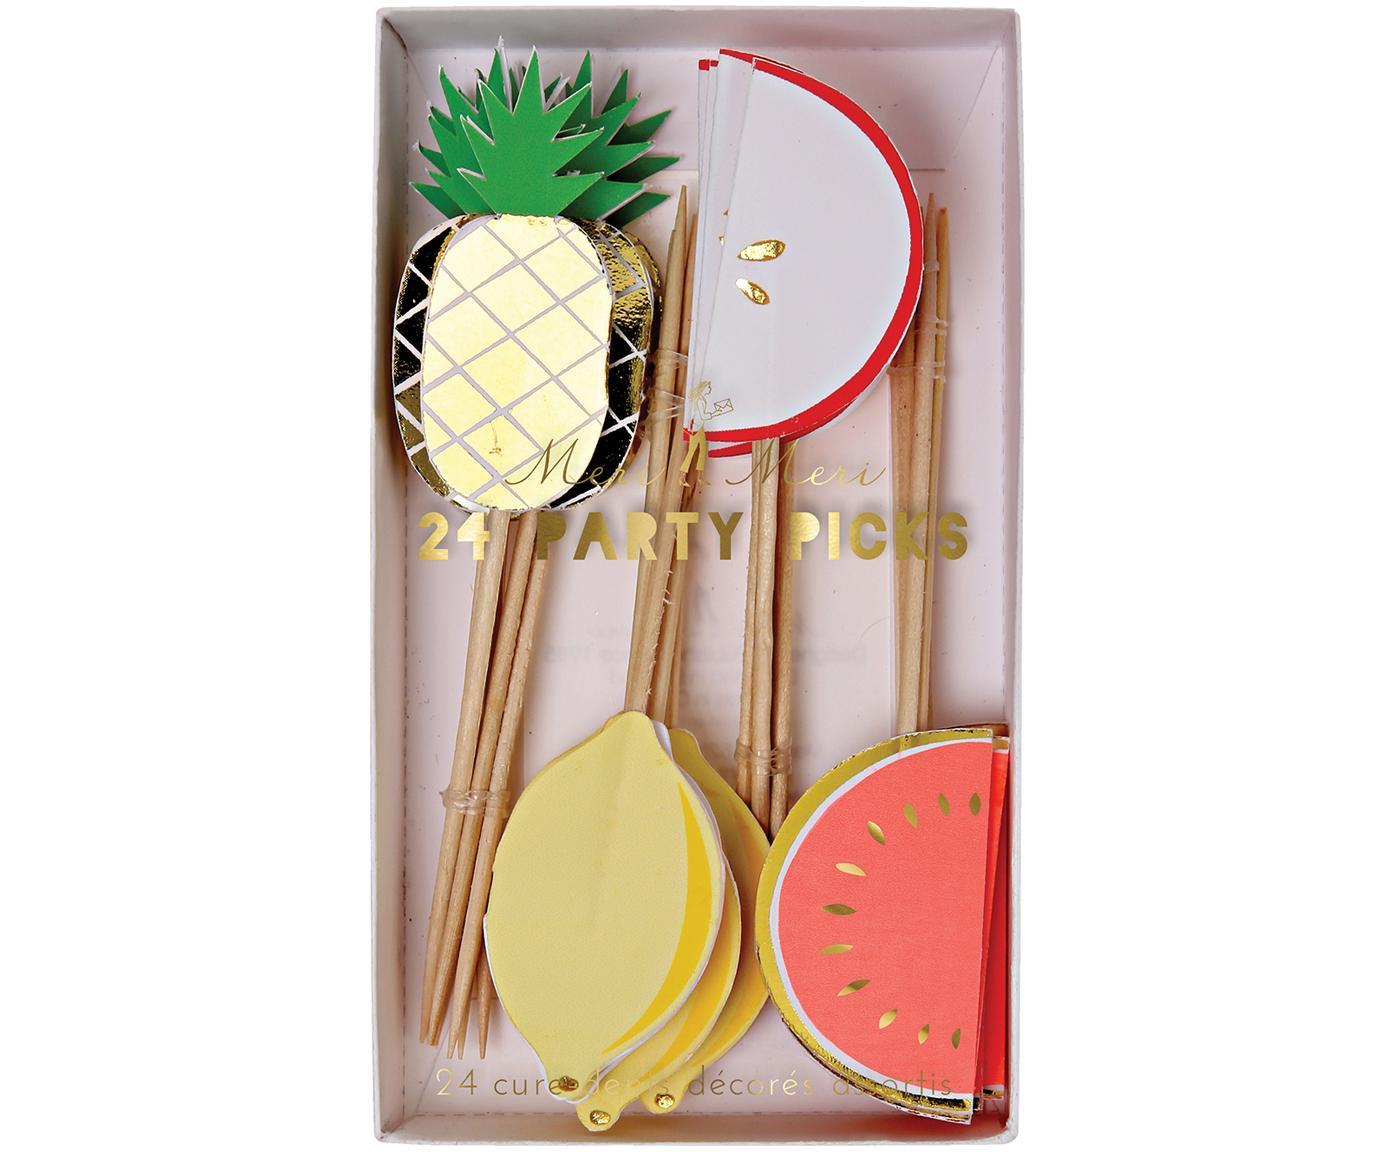 Set spiedini per feste Fruit Party, 24 pz., Carta, legno, Multicolore, Lung. 11 x Larg. 2 cm